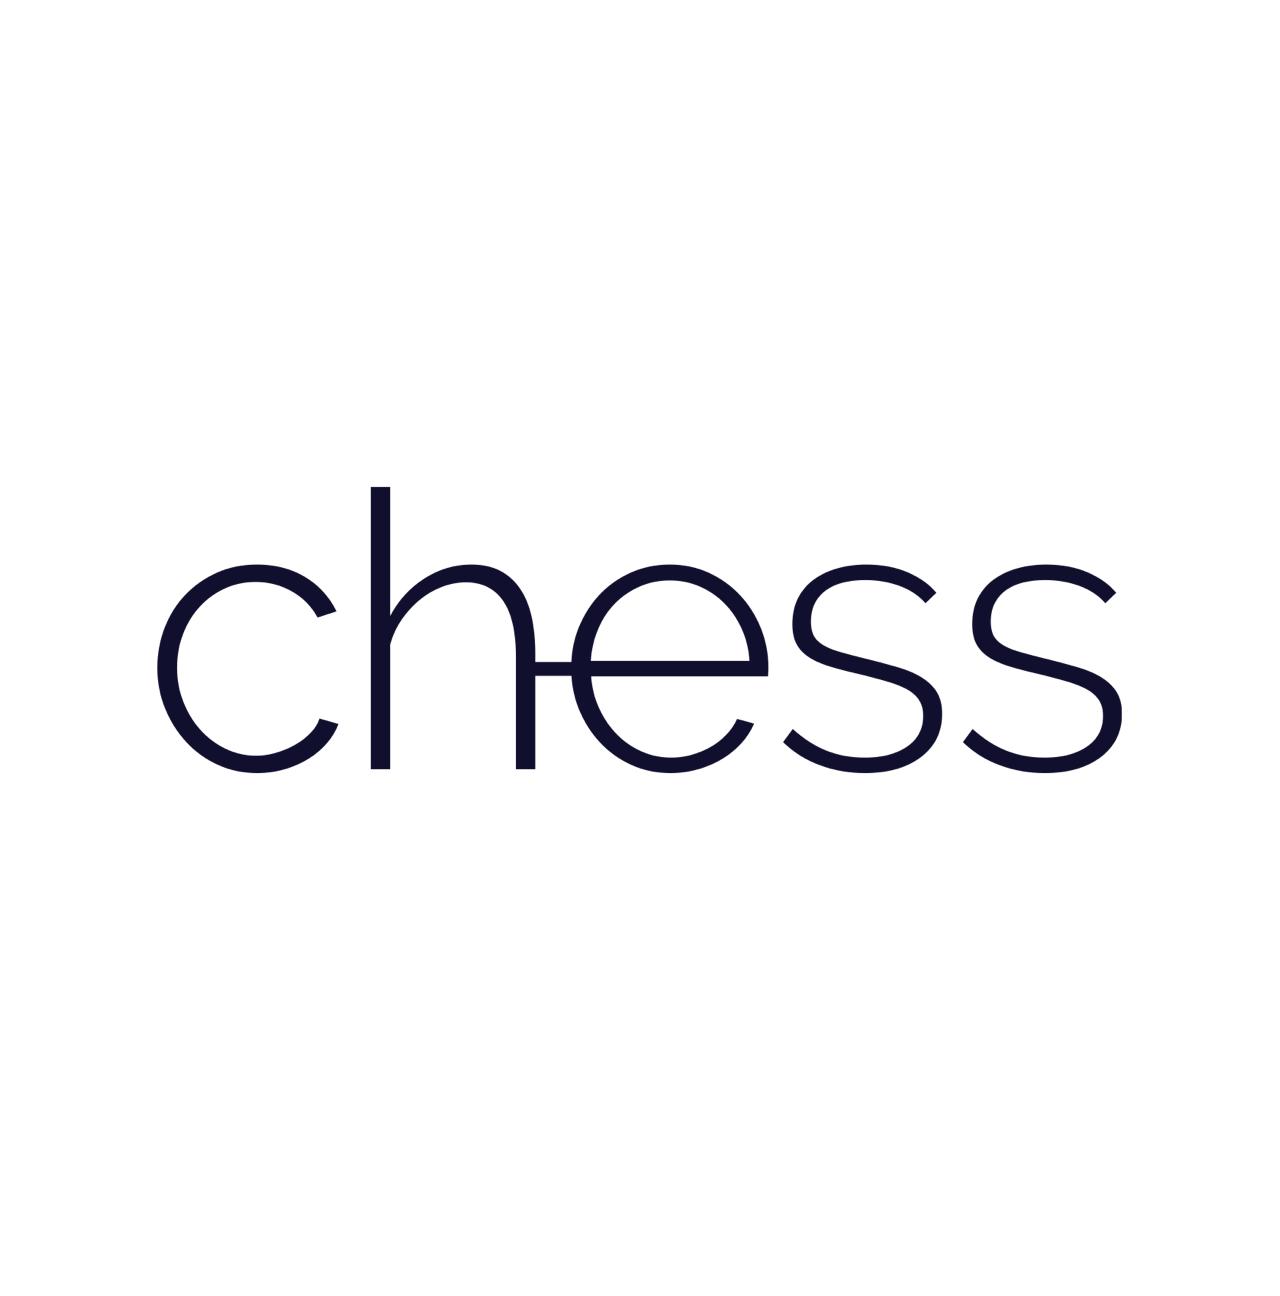 #706 | Chess